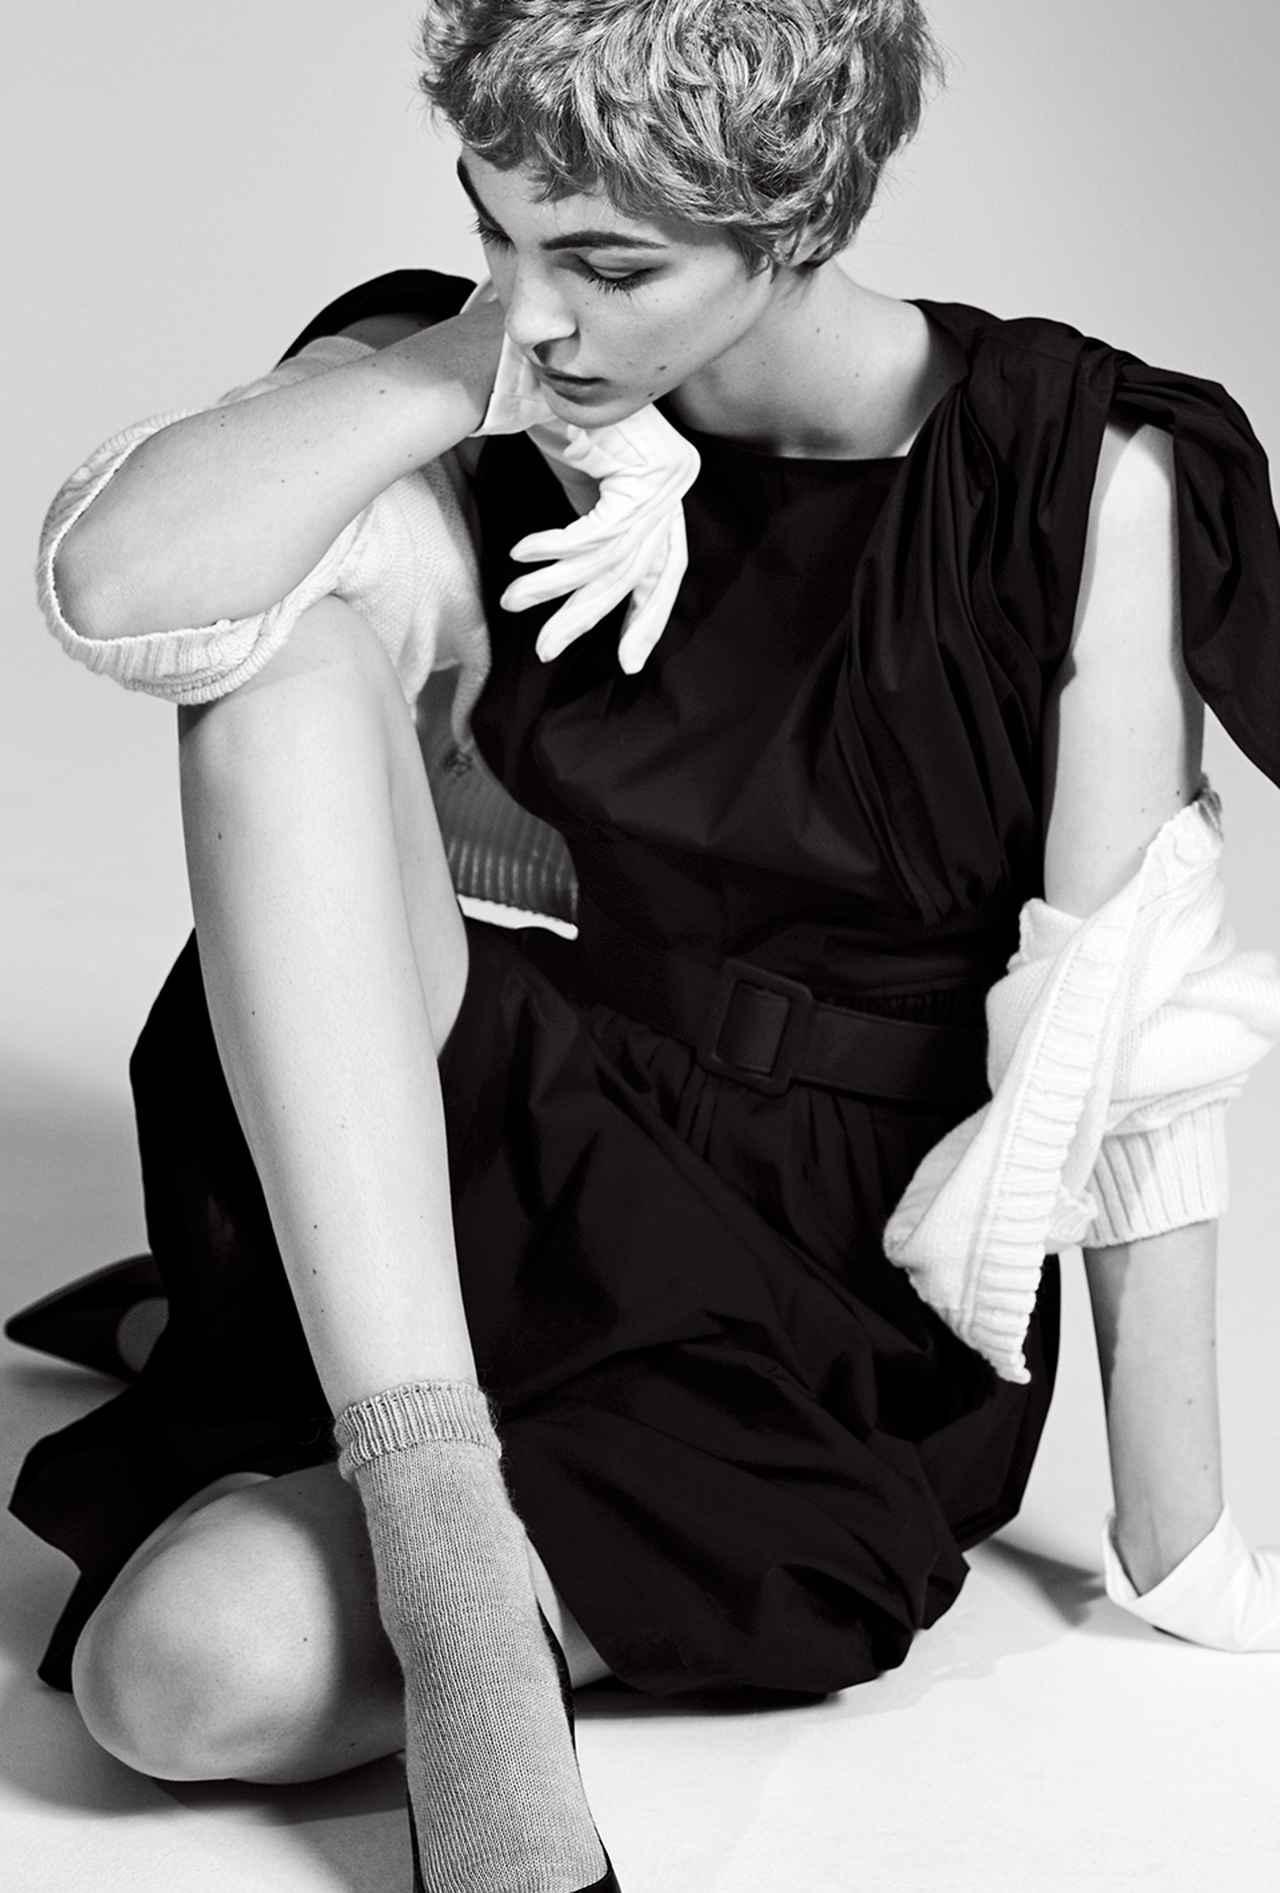 Images : 3番目の画像 - 「リトルホームドレスは 見かけほど甘くない」のアルバム - T JAPAN:The New York Times Style Magazine 公式サイト